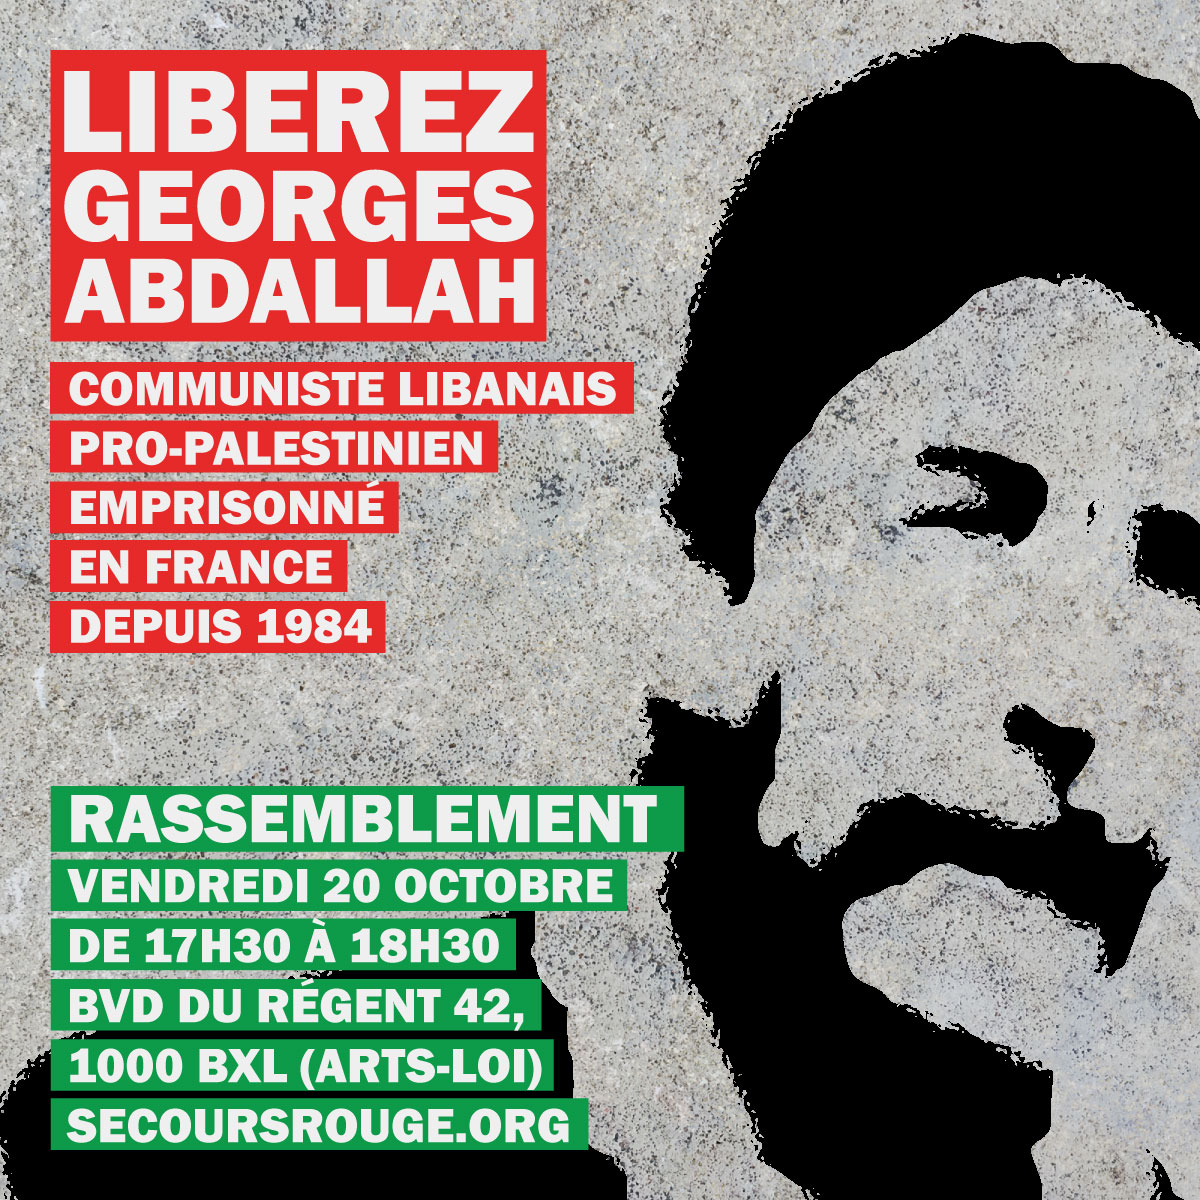 Manifestation pour Georges Abdallah ce 20 octobre